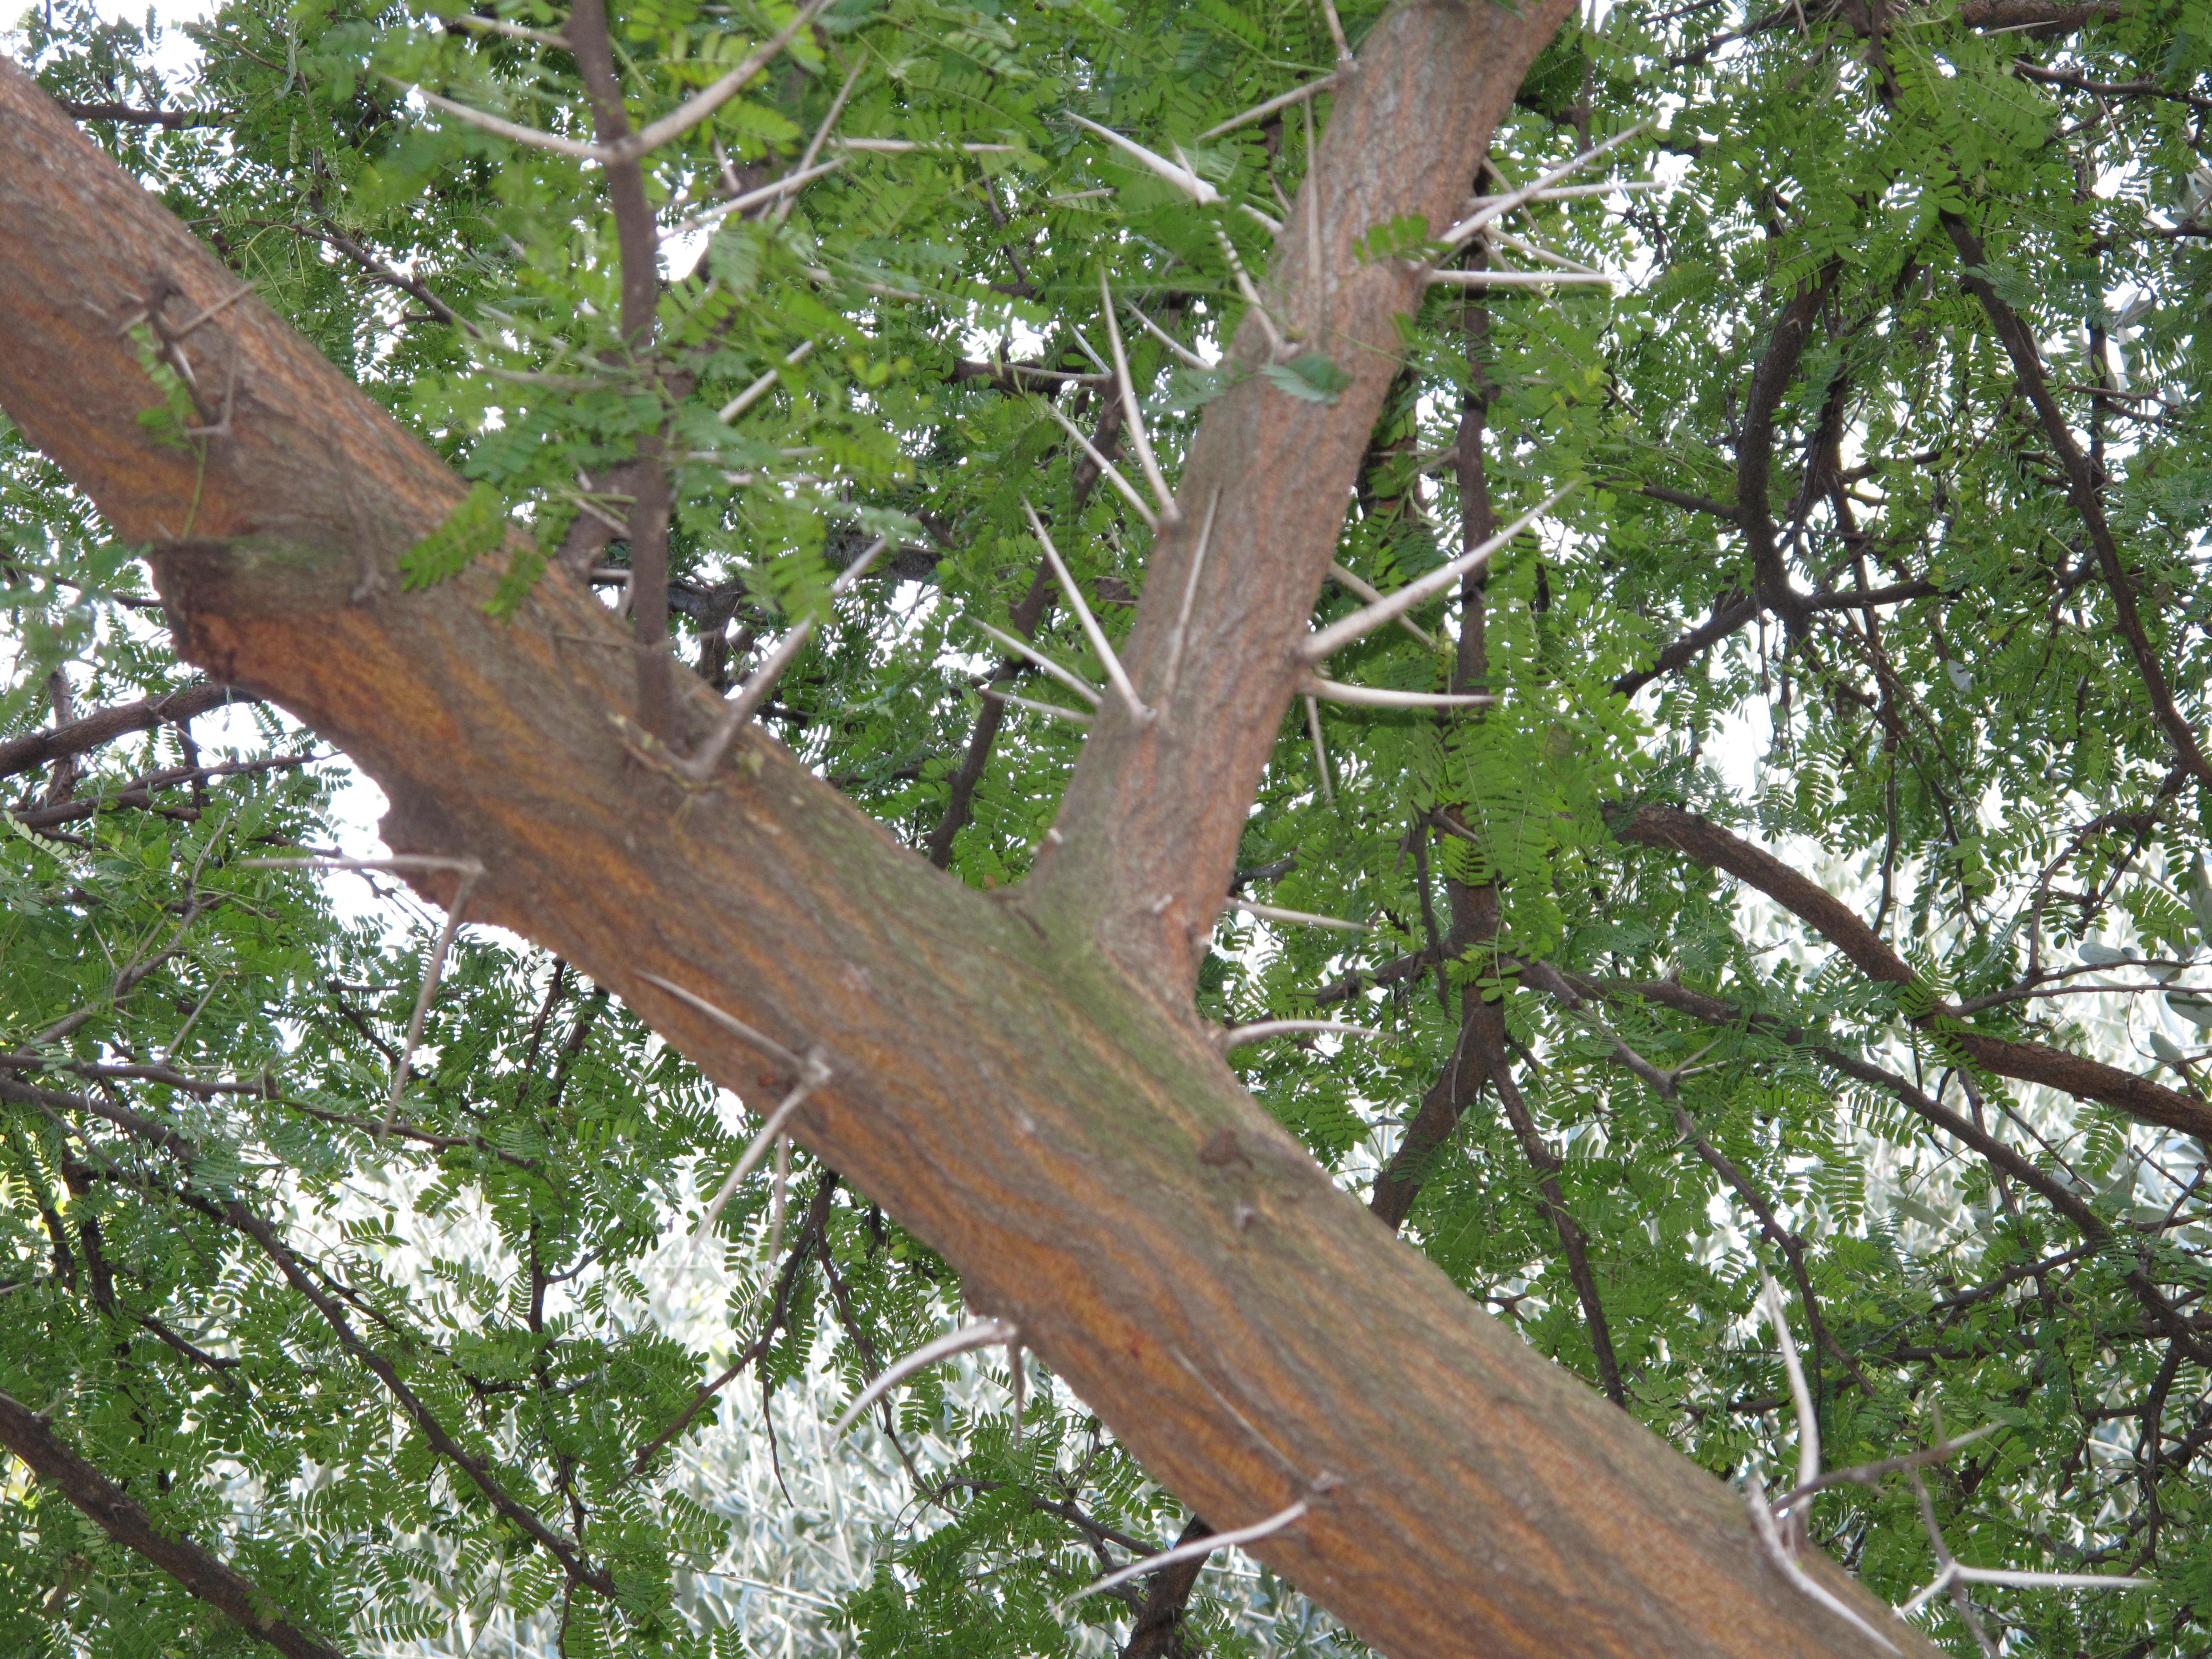 File:Acacia karoo detail.jpg.